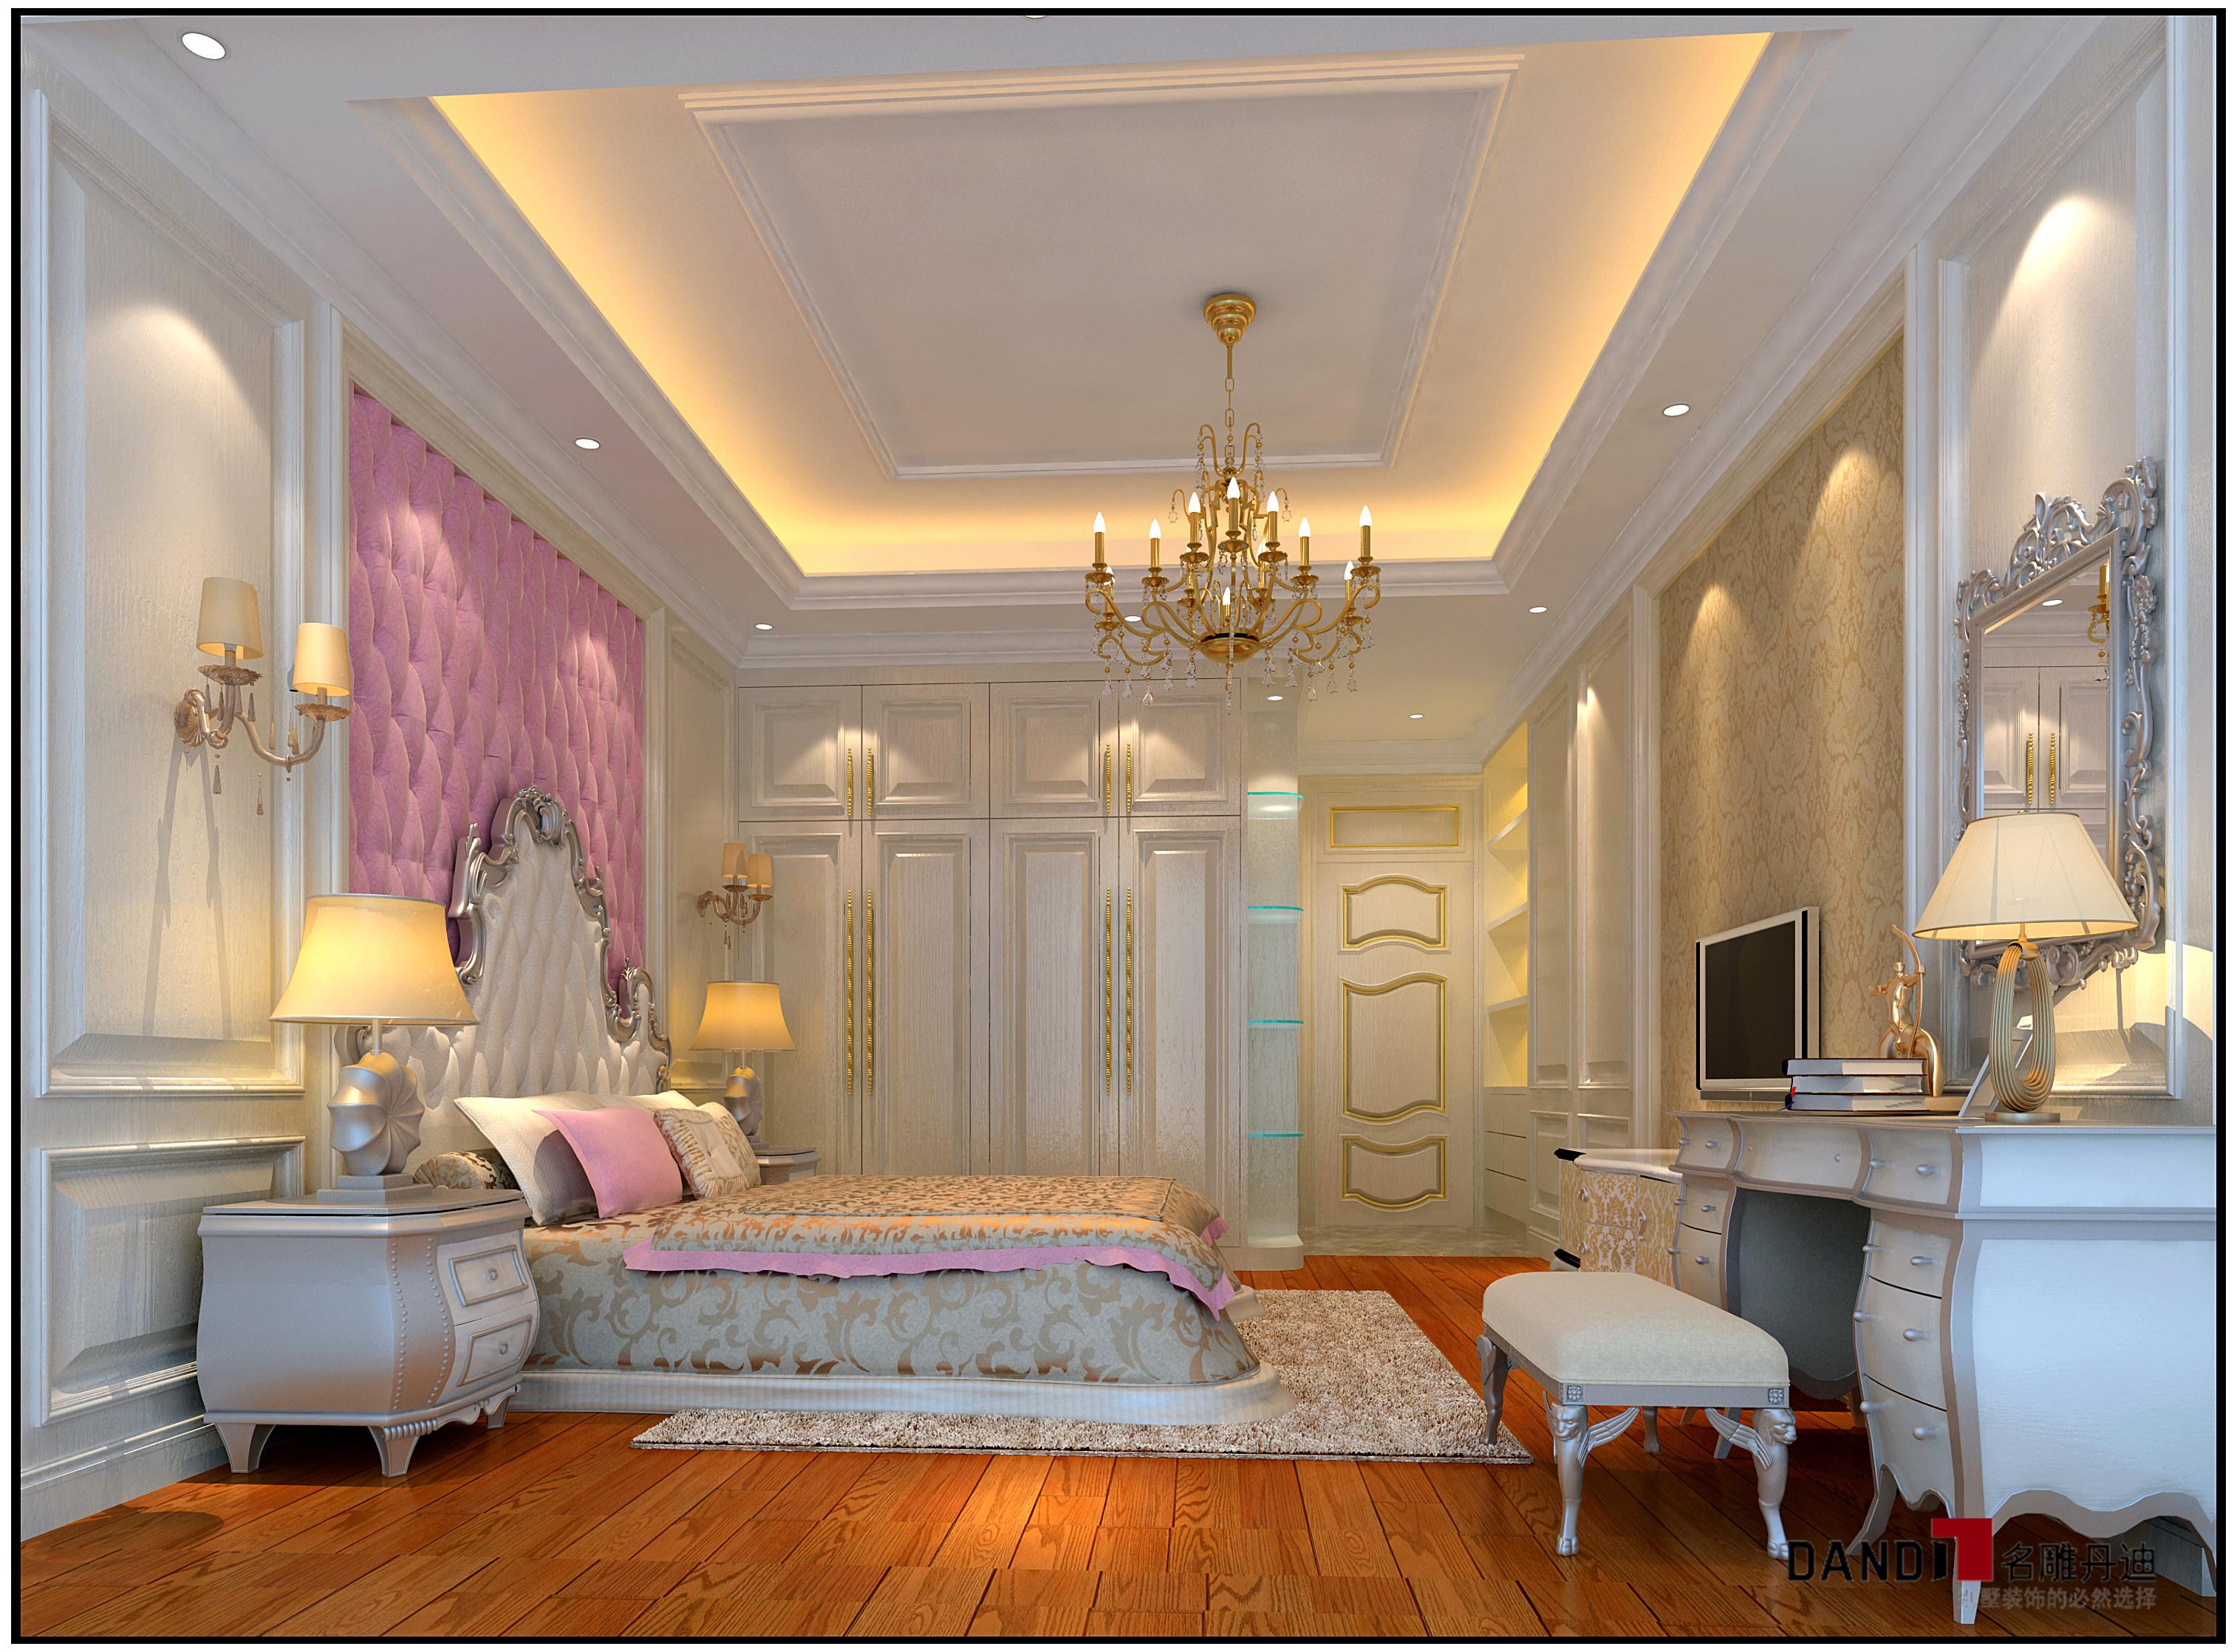 家居起居室设计装修3028_2236塑料模具研究的设计目的及意义图片